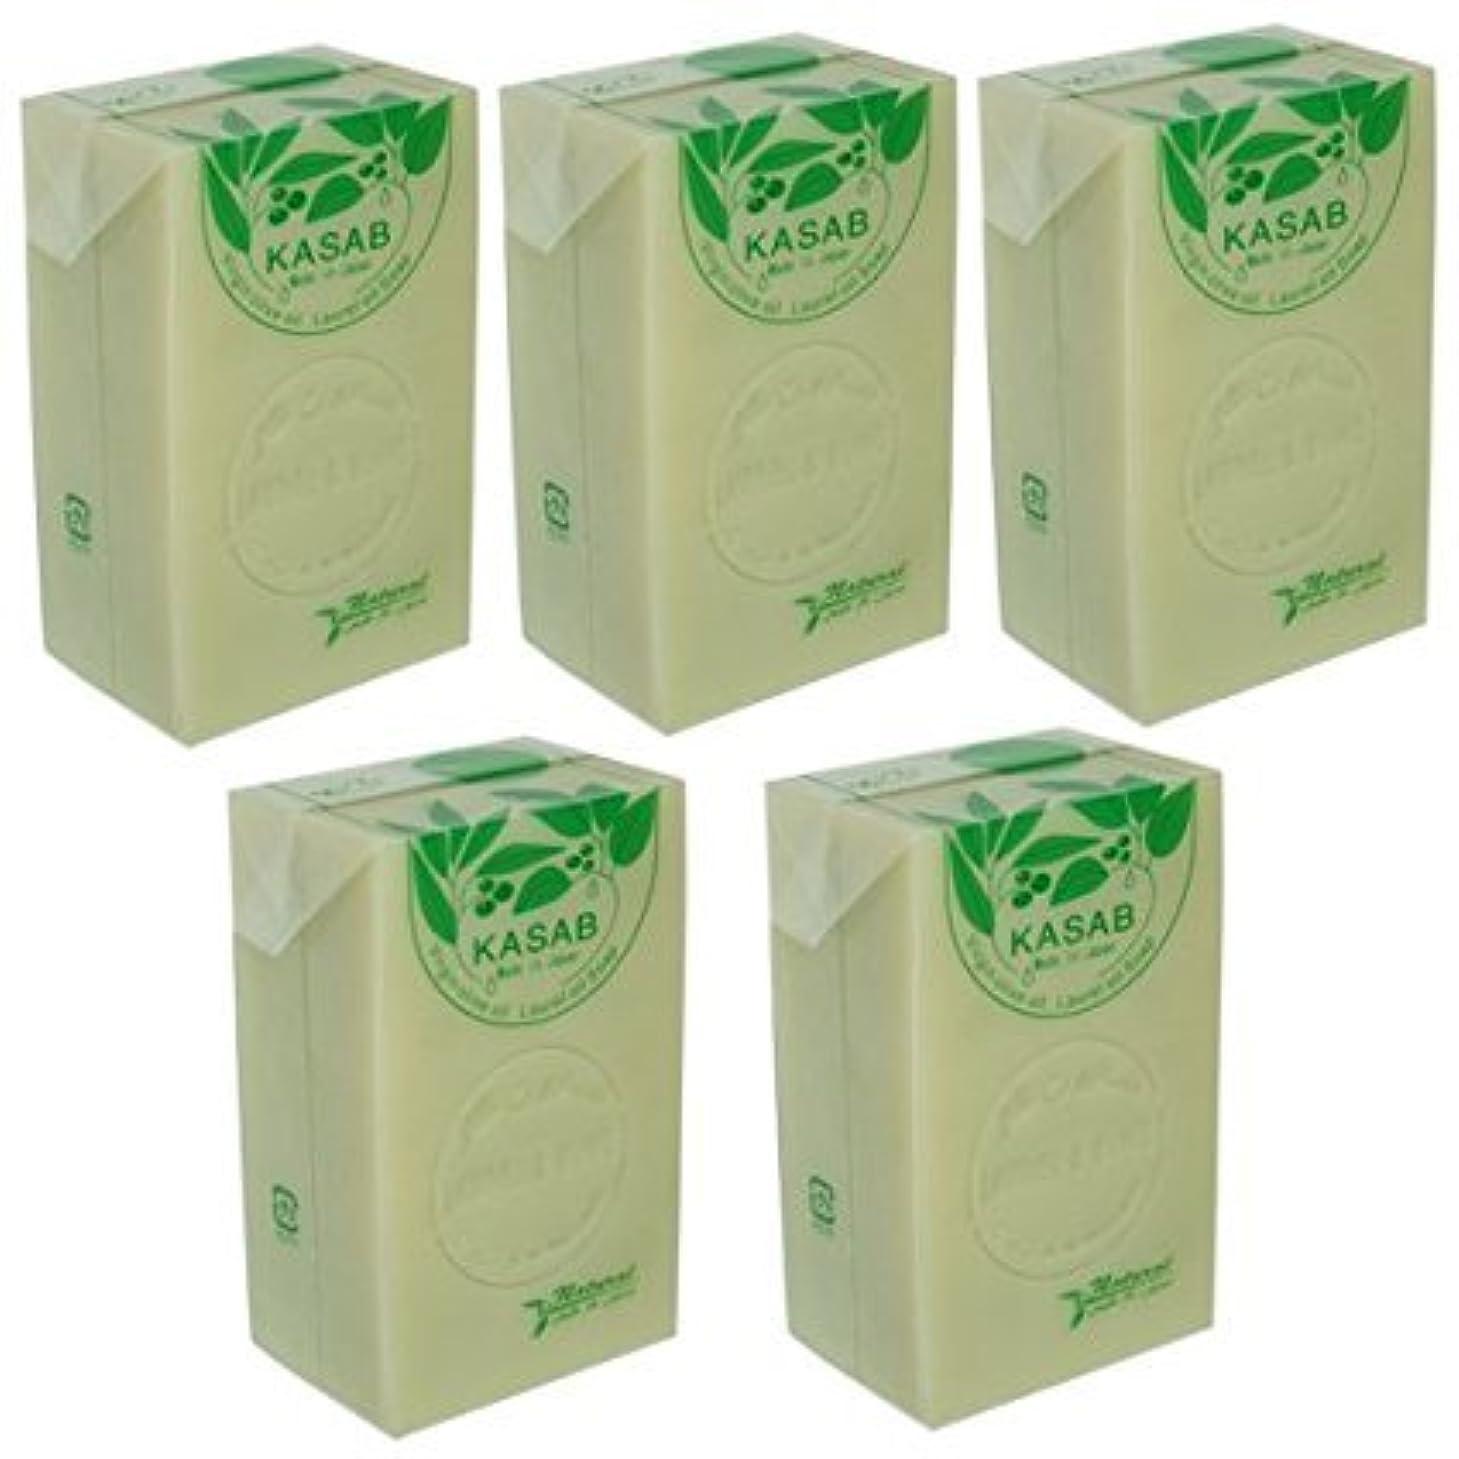 研究所最小ハイジャックカサブ石鹸5個セット